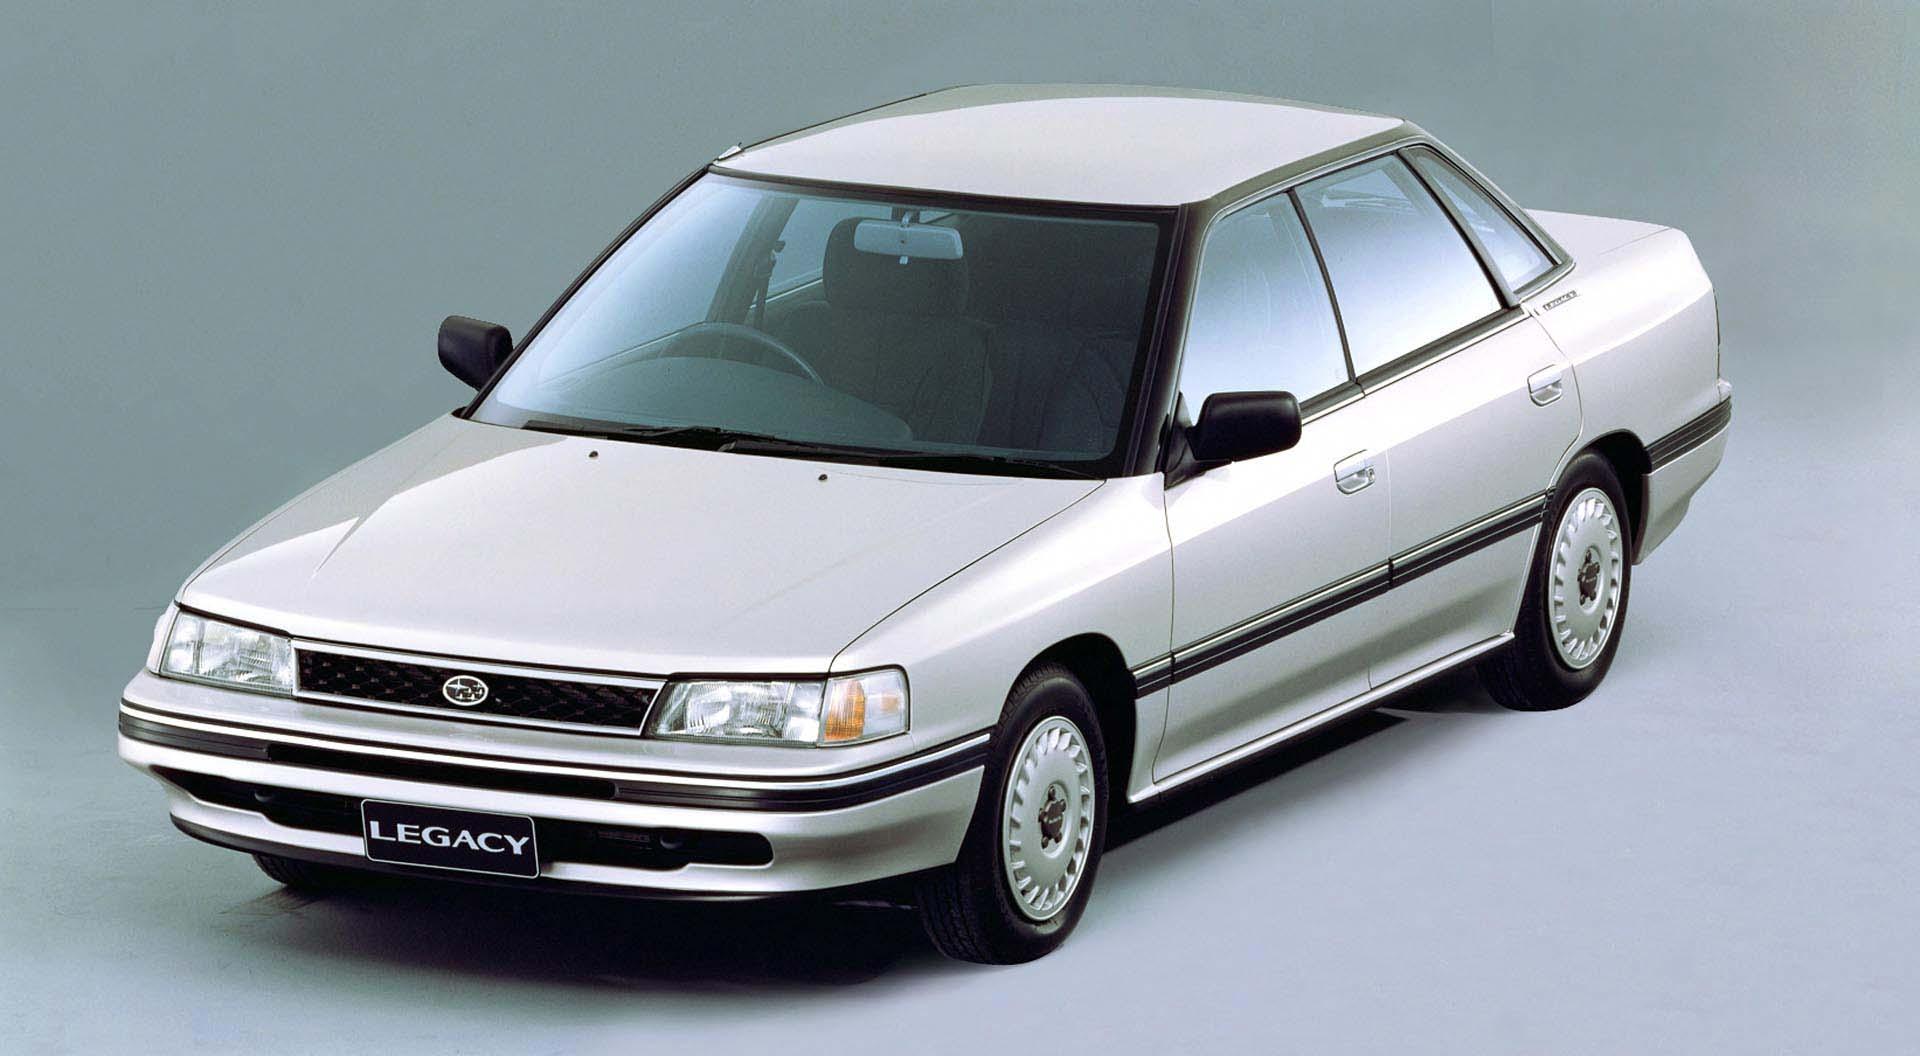 1990 subaru legacy - autos.ca